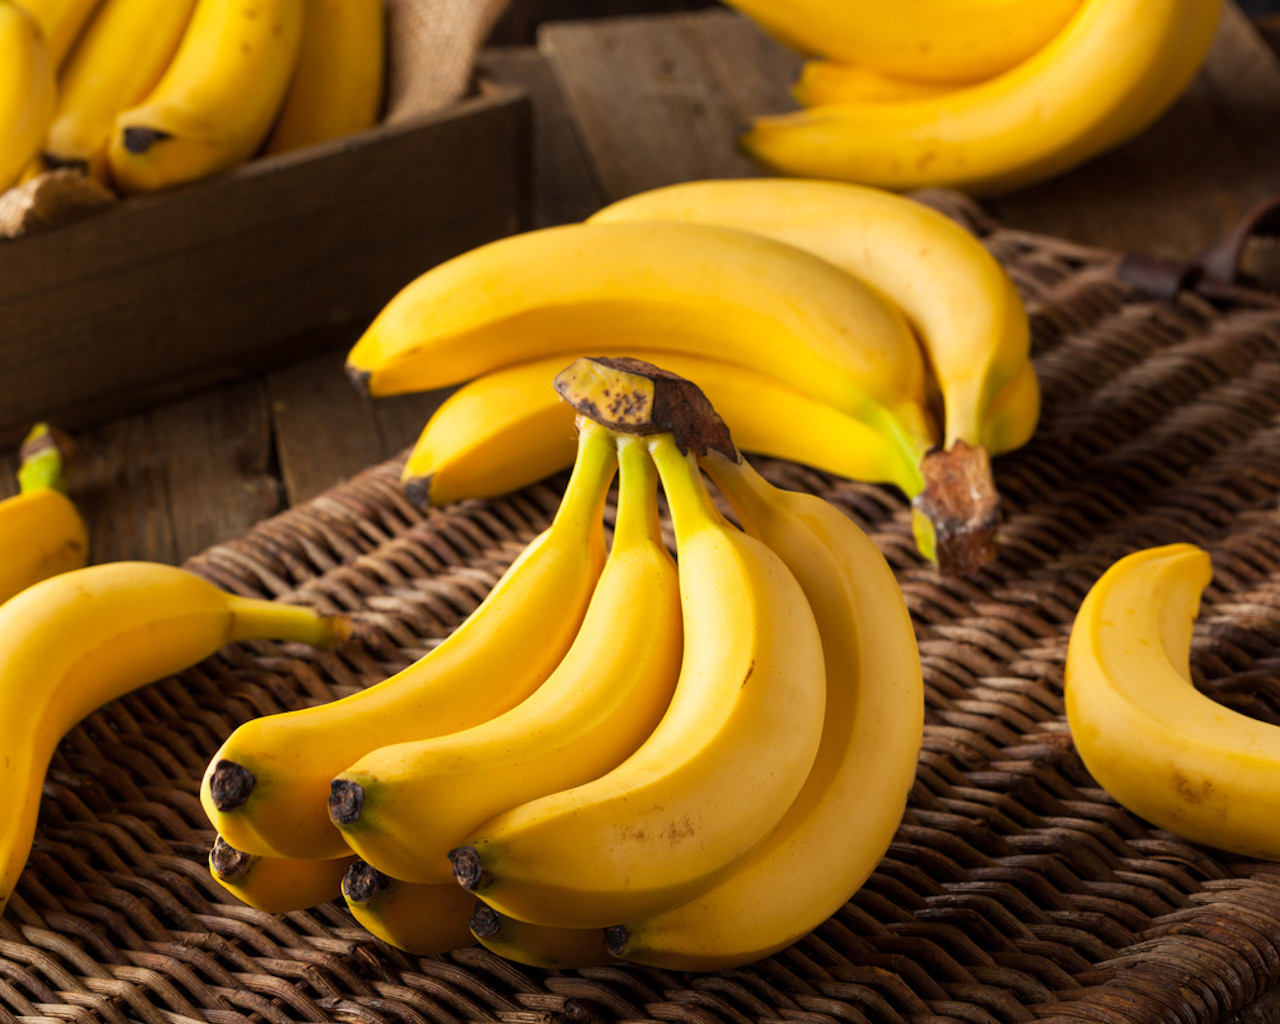 μπανανες,μπανανες φρουτα,διαιτα με μπανανες,διαιτα με μπανανες κ γαλα,η διαιτα με μπανανες,διαιτα με μπανανες και γιαουρτι,χημικη διαιτα με μπανανες και γαλα,διαιτα με μπανανες και γιαουρτια